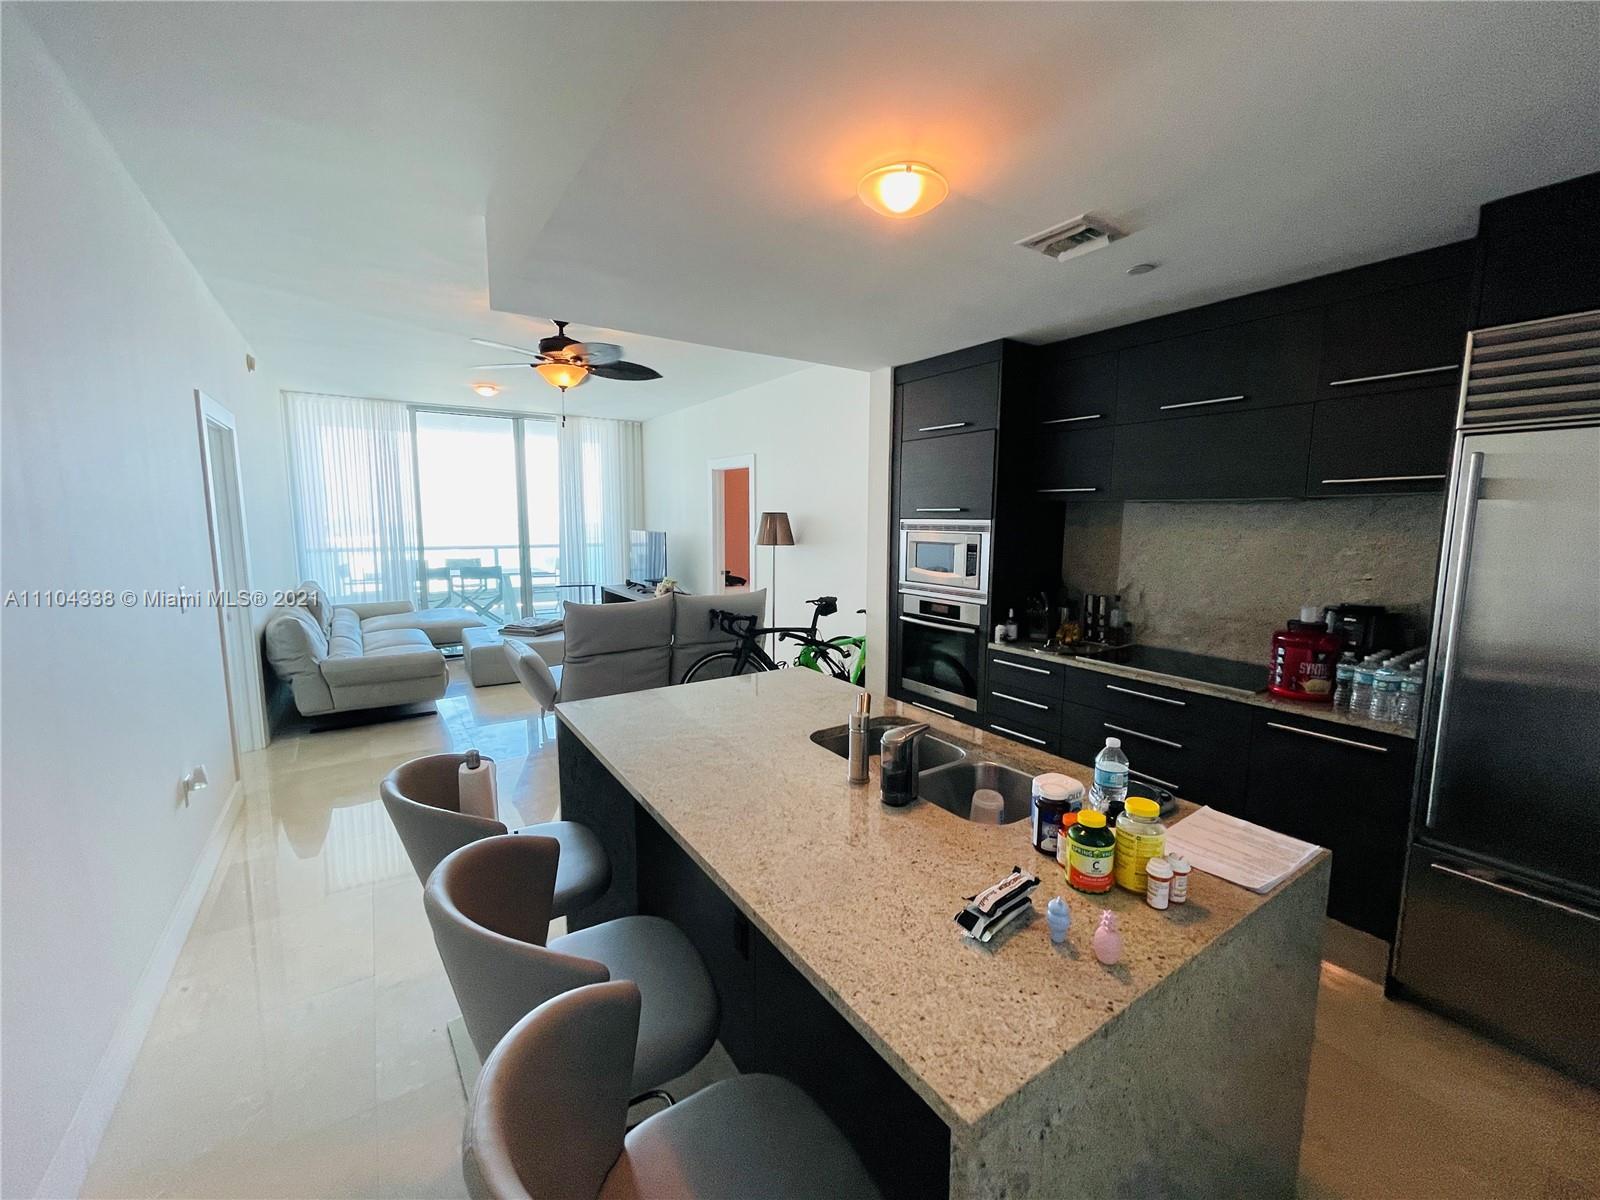 900 Biscayne Bay #4808 - 900 Biscayne Blvd #4808, Miami, FL 33132